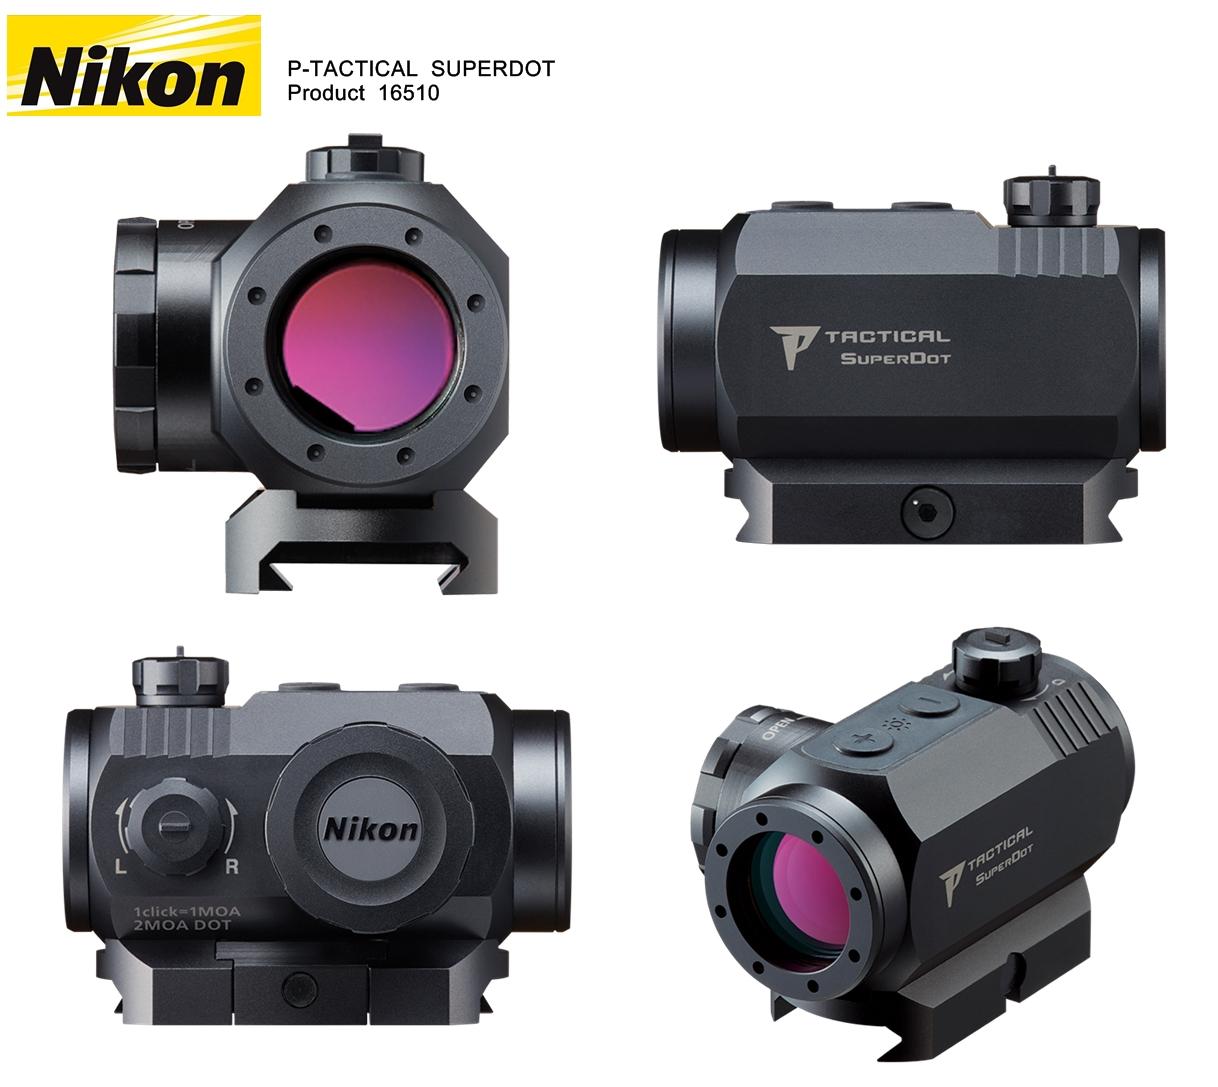 1 NIKON P-TACTICAL SUPERDOT NEW TACTICAL SUPERDOT Product 16510 HILOG 実物 ドットサイト